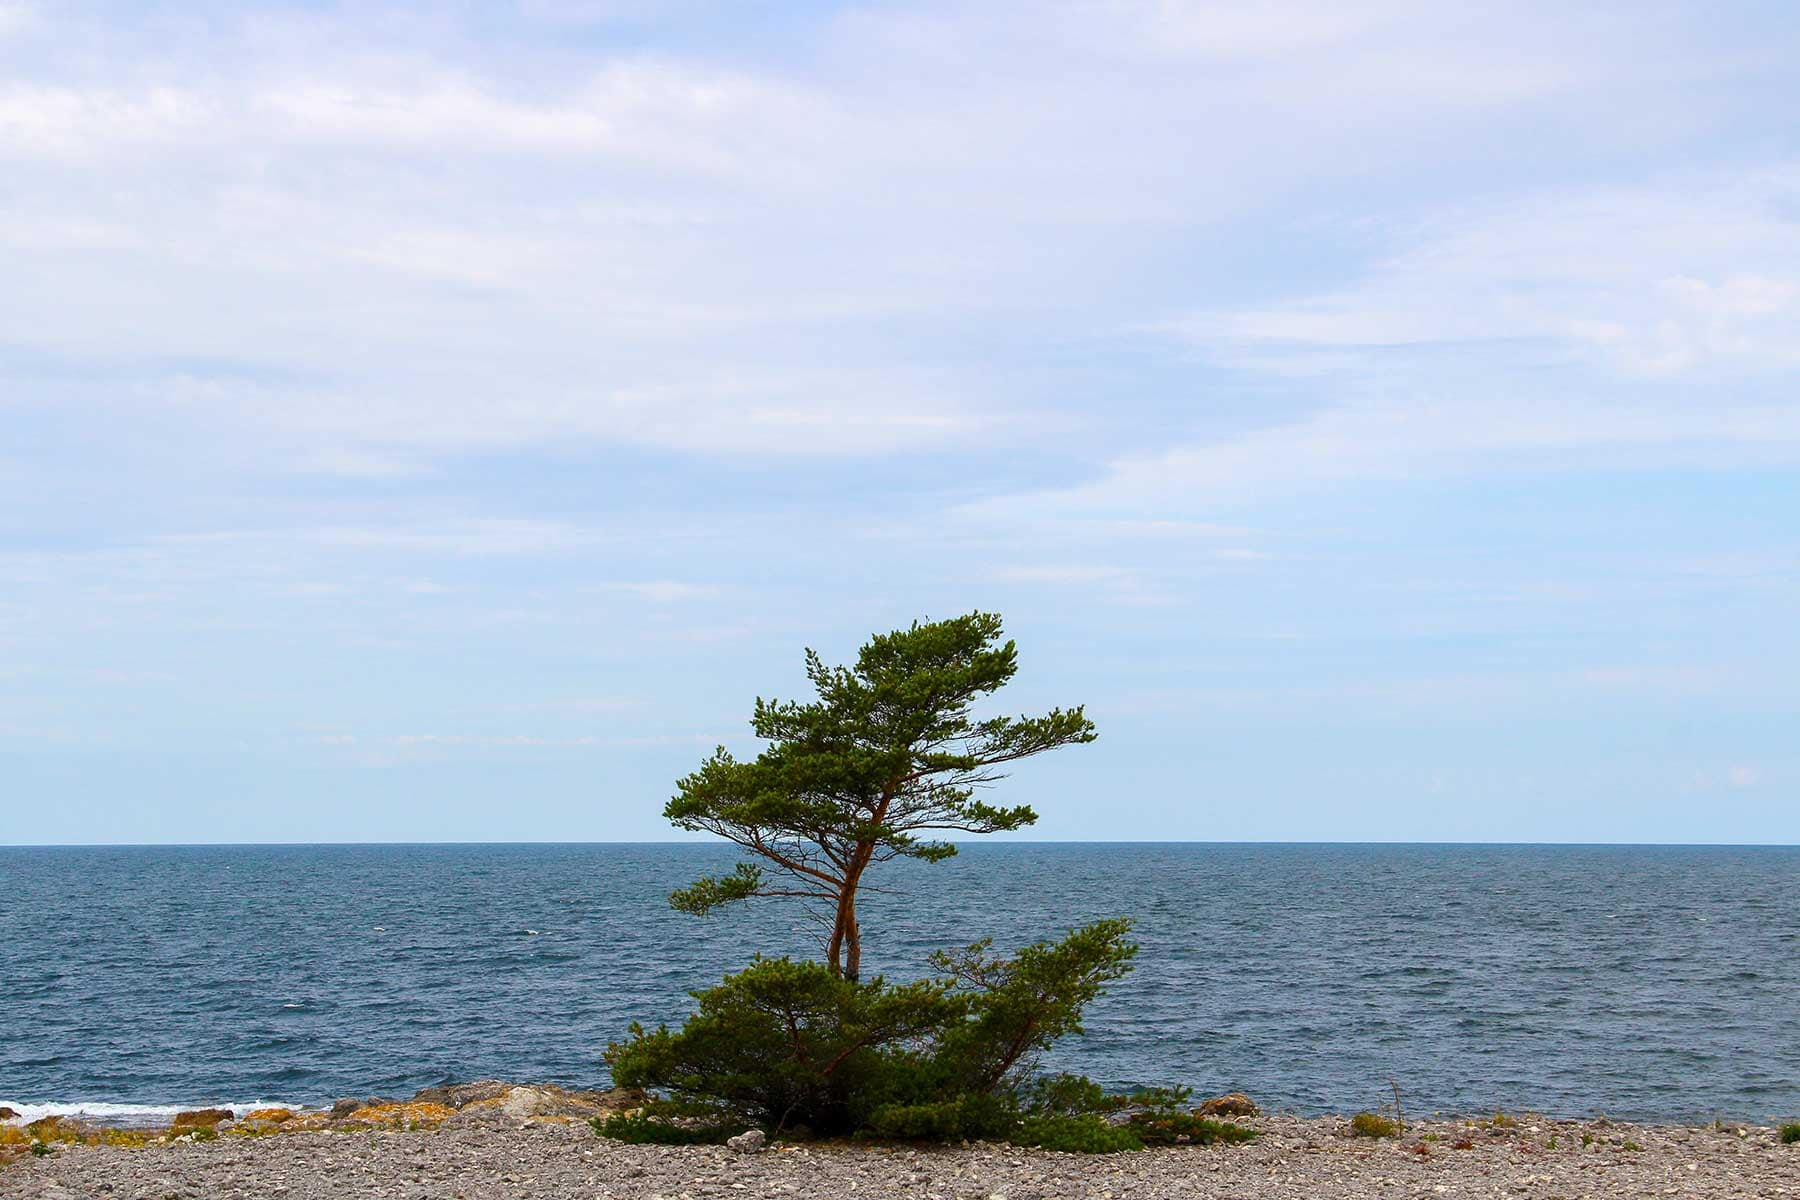 Resor-till-Gotland-trä-och-sjö-Nygren-Lind-Resebyrå